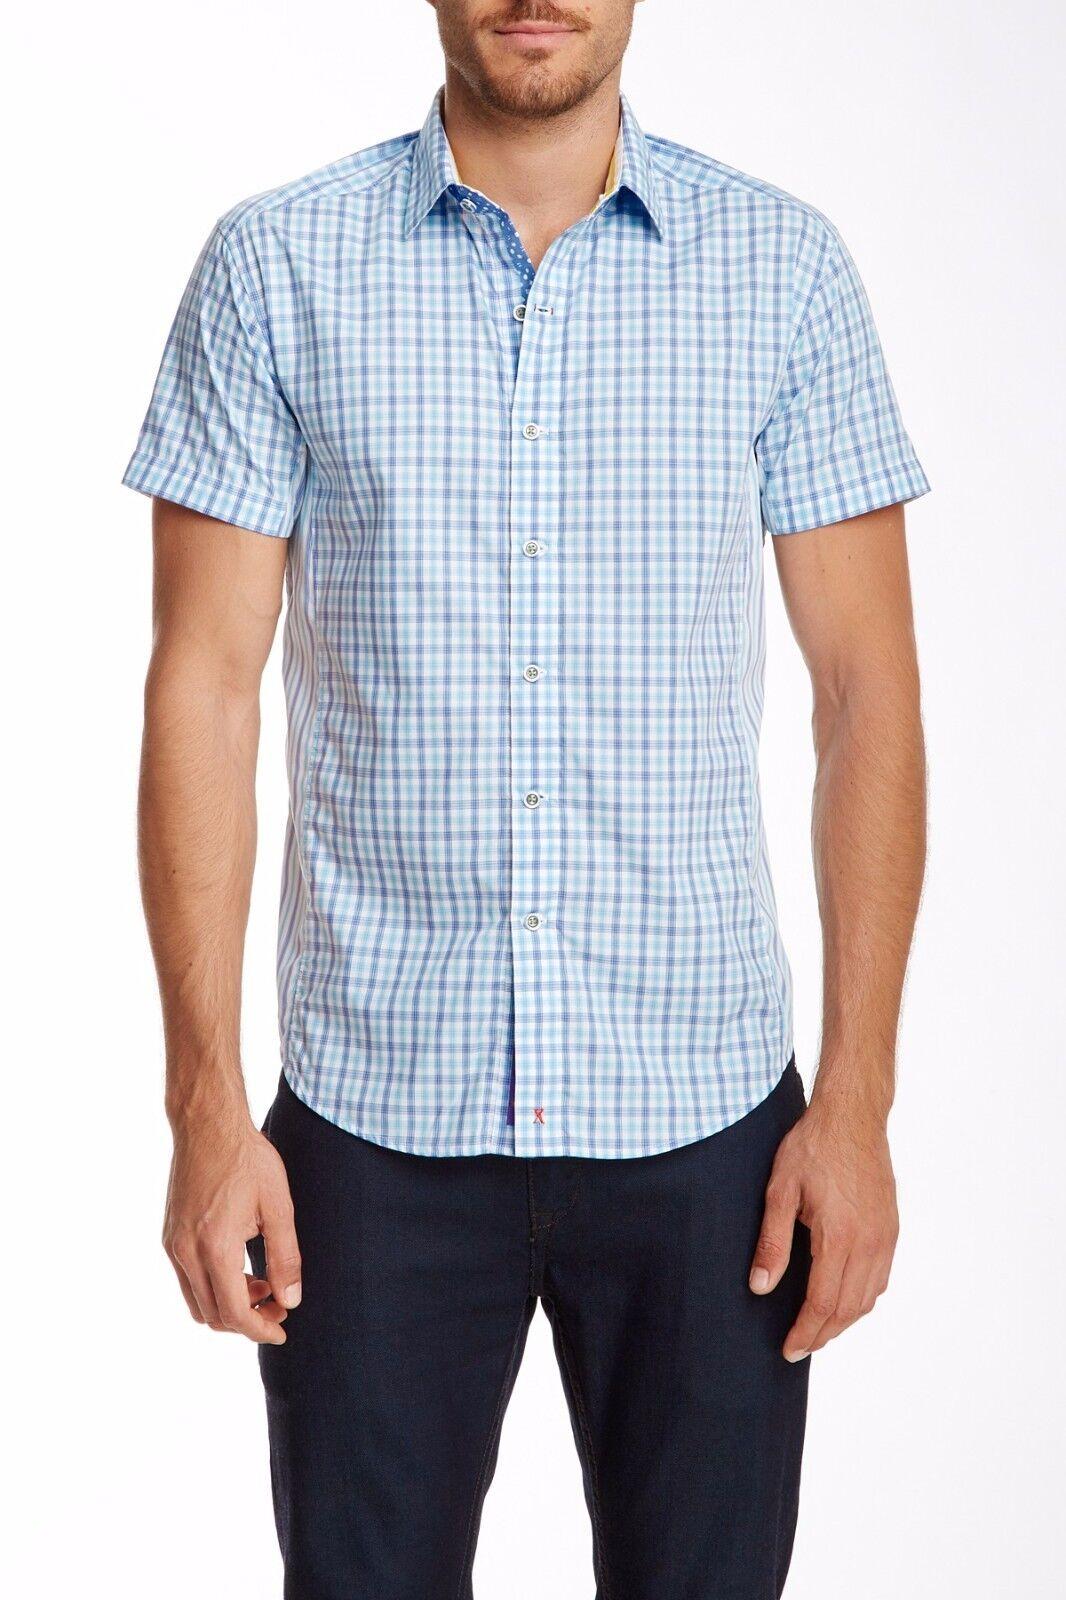 Robert Graham Mens Fields Plaided Short Sleeve Shirt Größe 2XL XXL TailGoldt Fit